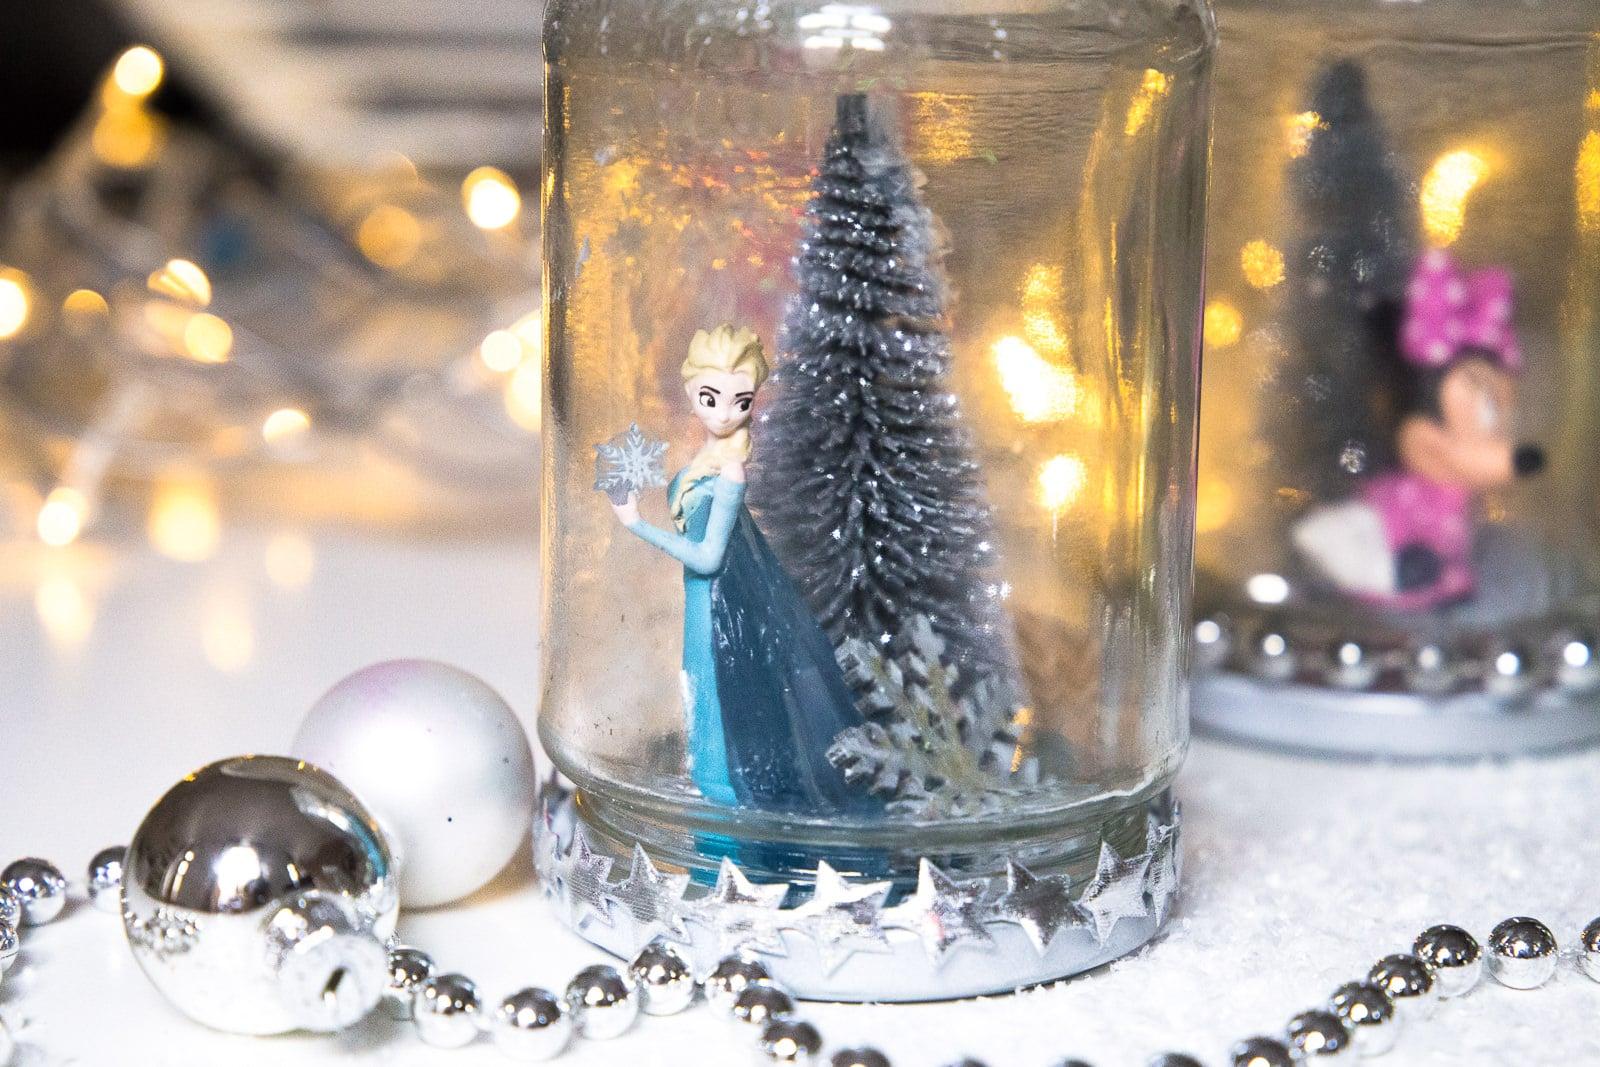 24 Days of christmas blogging: Last-Minute DIY Weihnachtsgeschenk